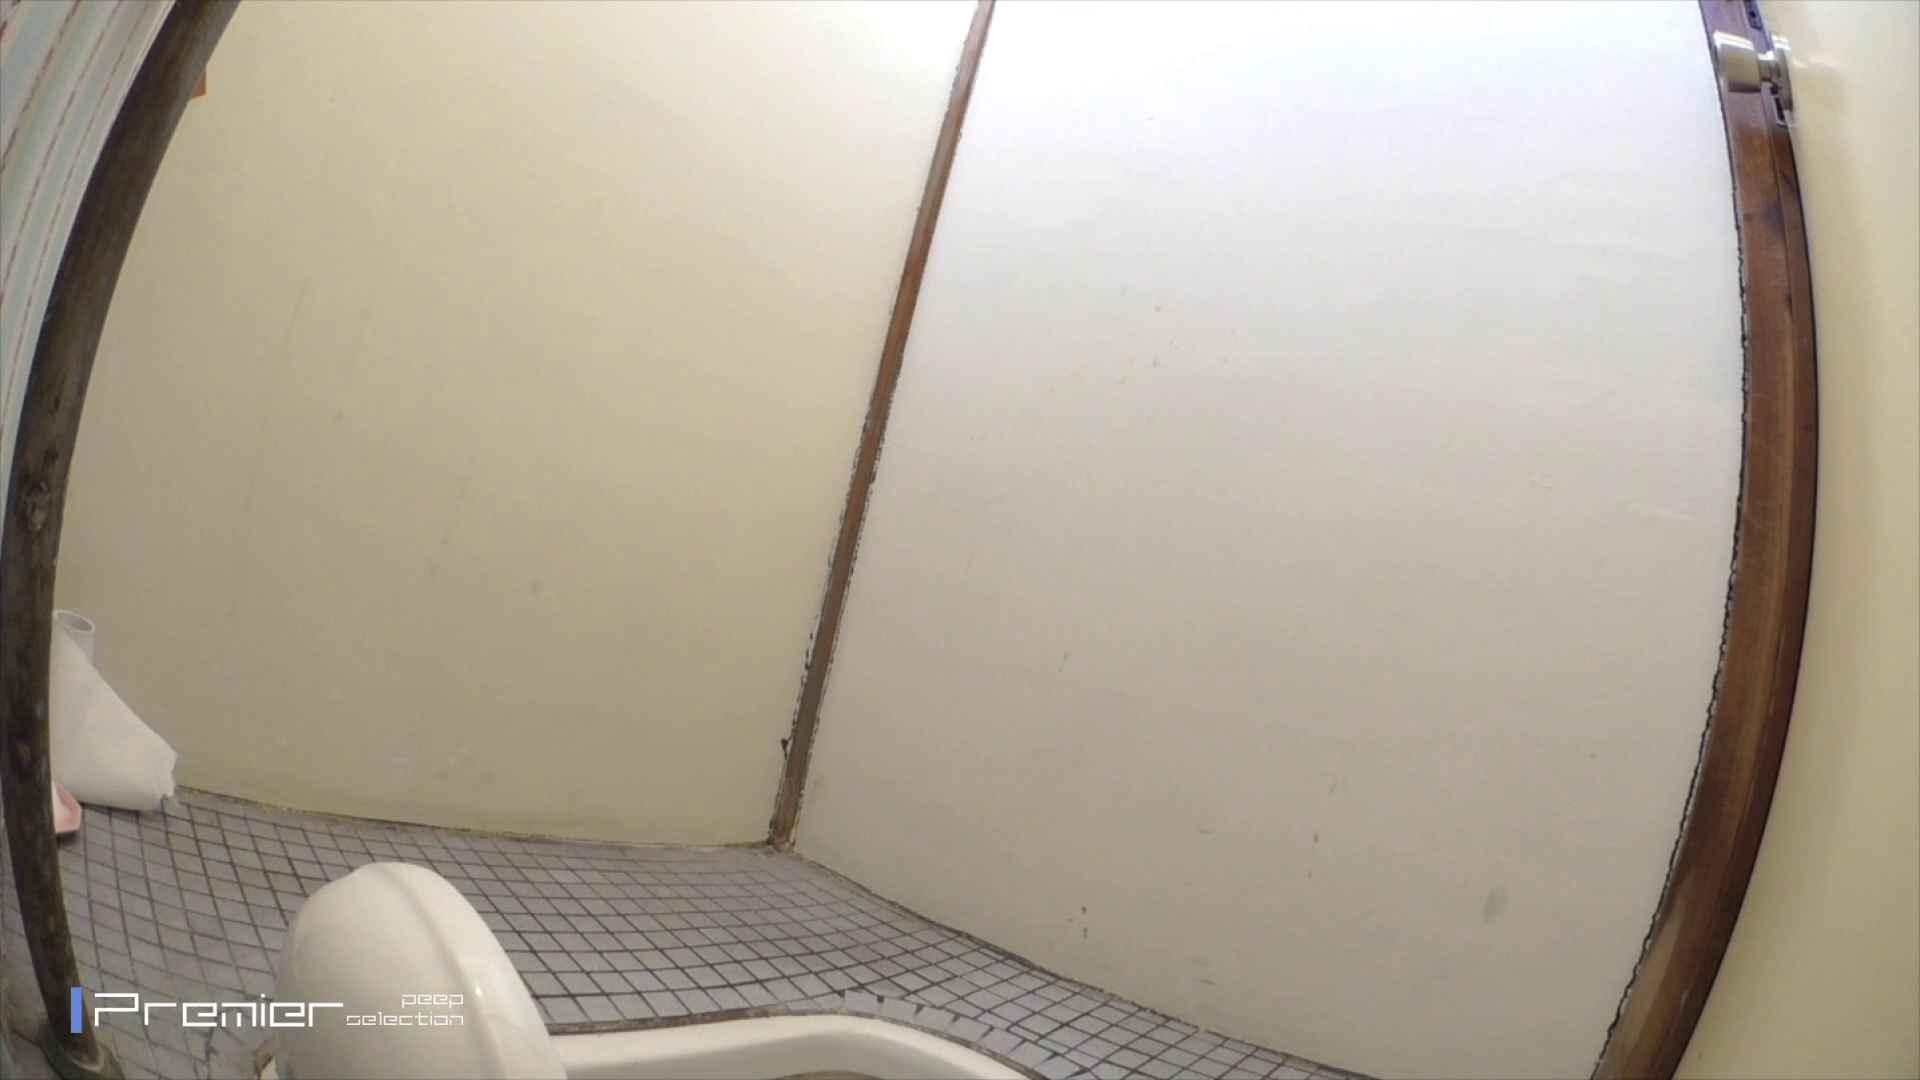 ▲2017_14位▲ 某格安温泉地宿泊施設トイレ盗撮 Vol.02 高画質 | 名作殿堂  105画像 52